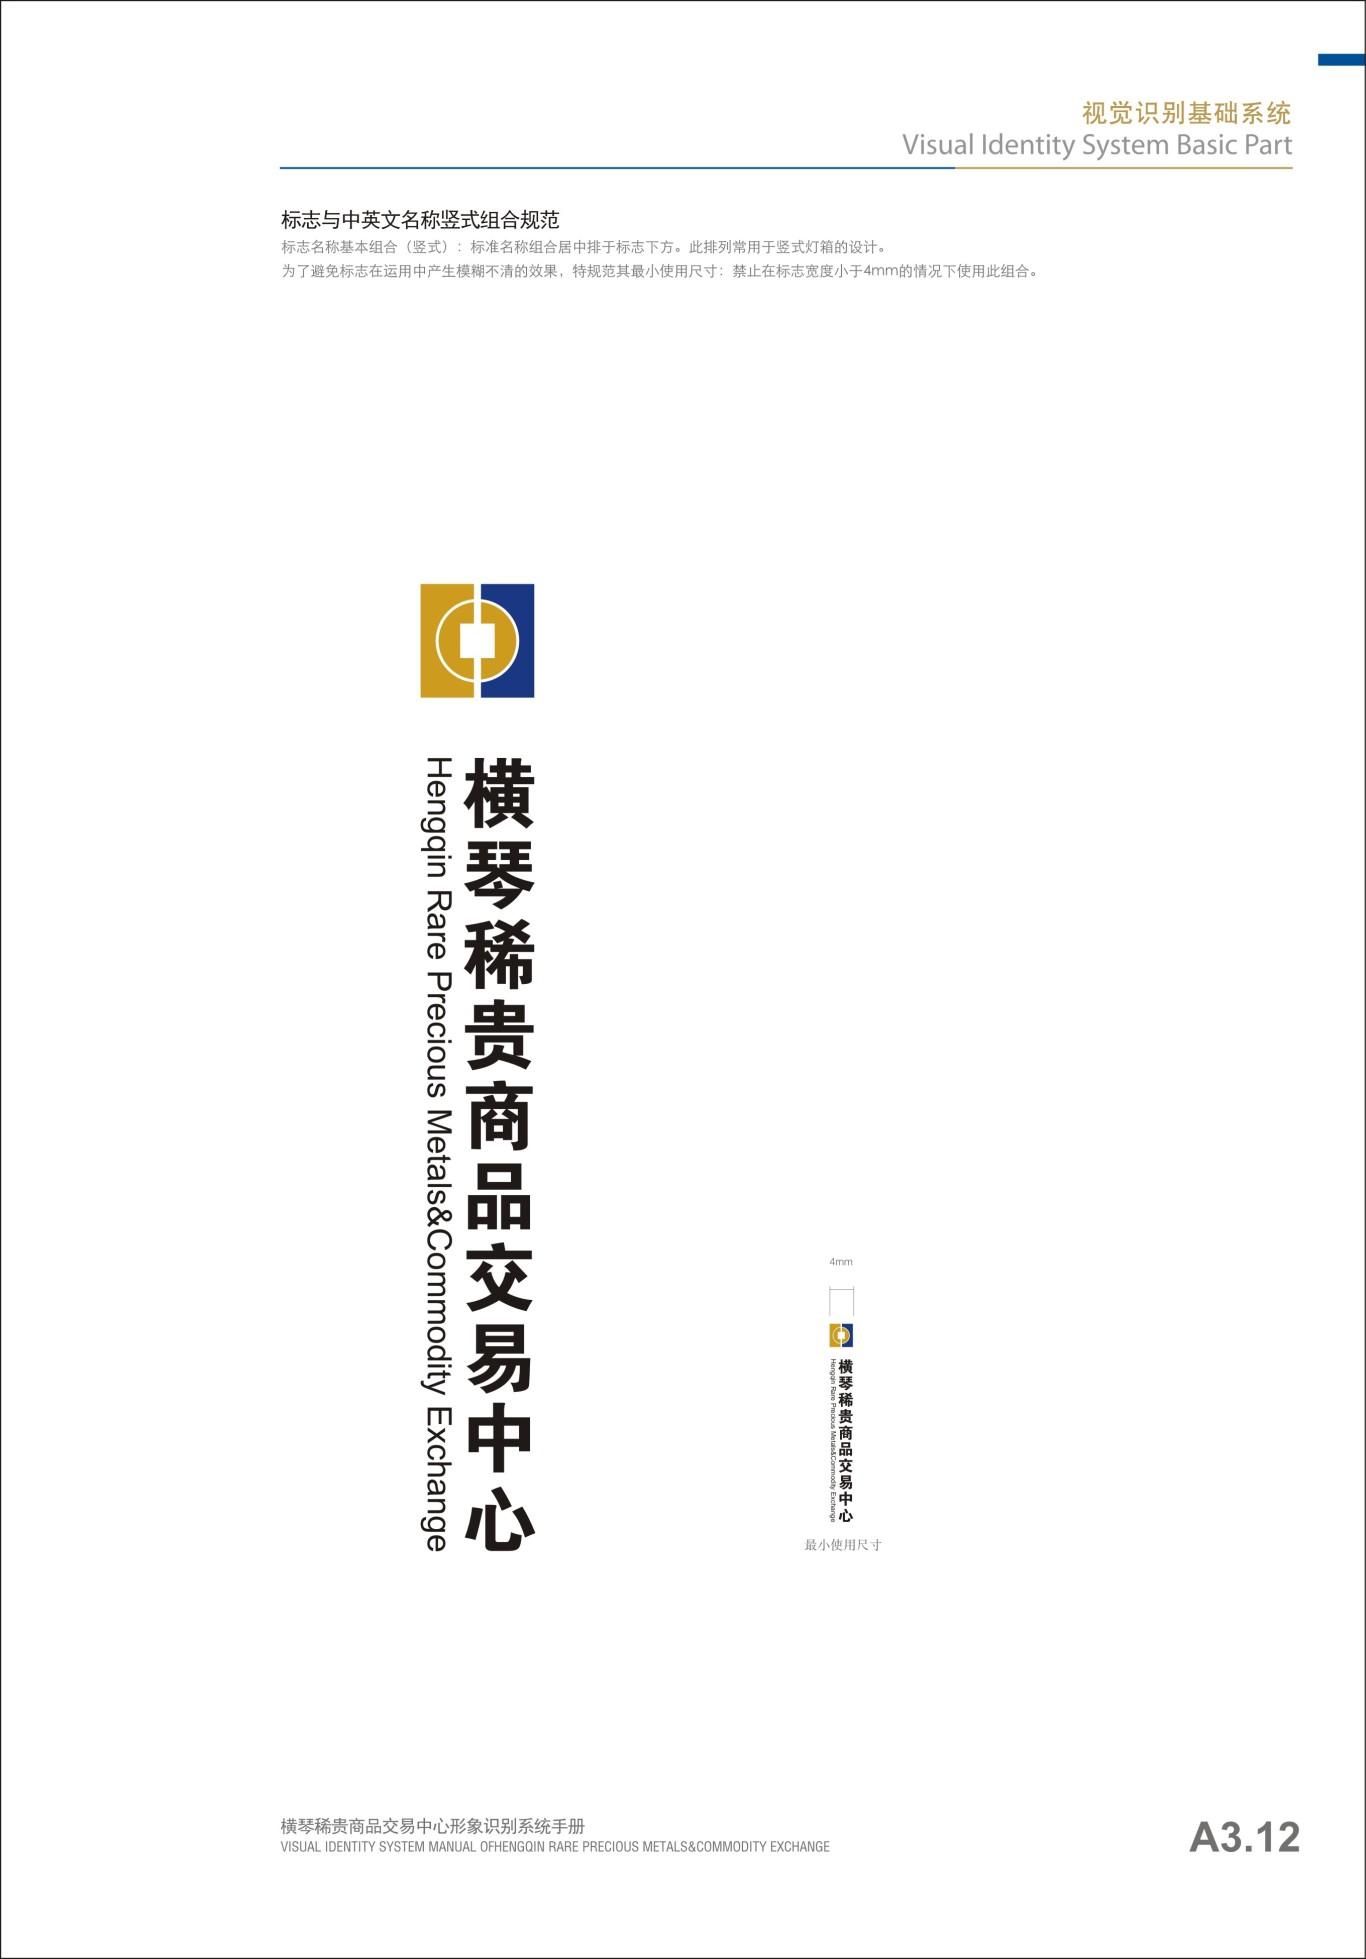 贵金属行业横琴稀贵VI手册设计图11